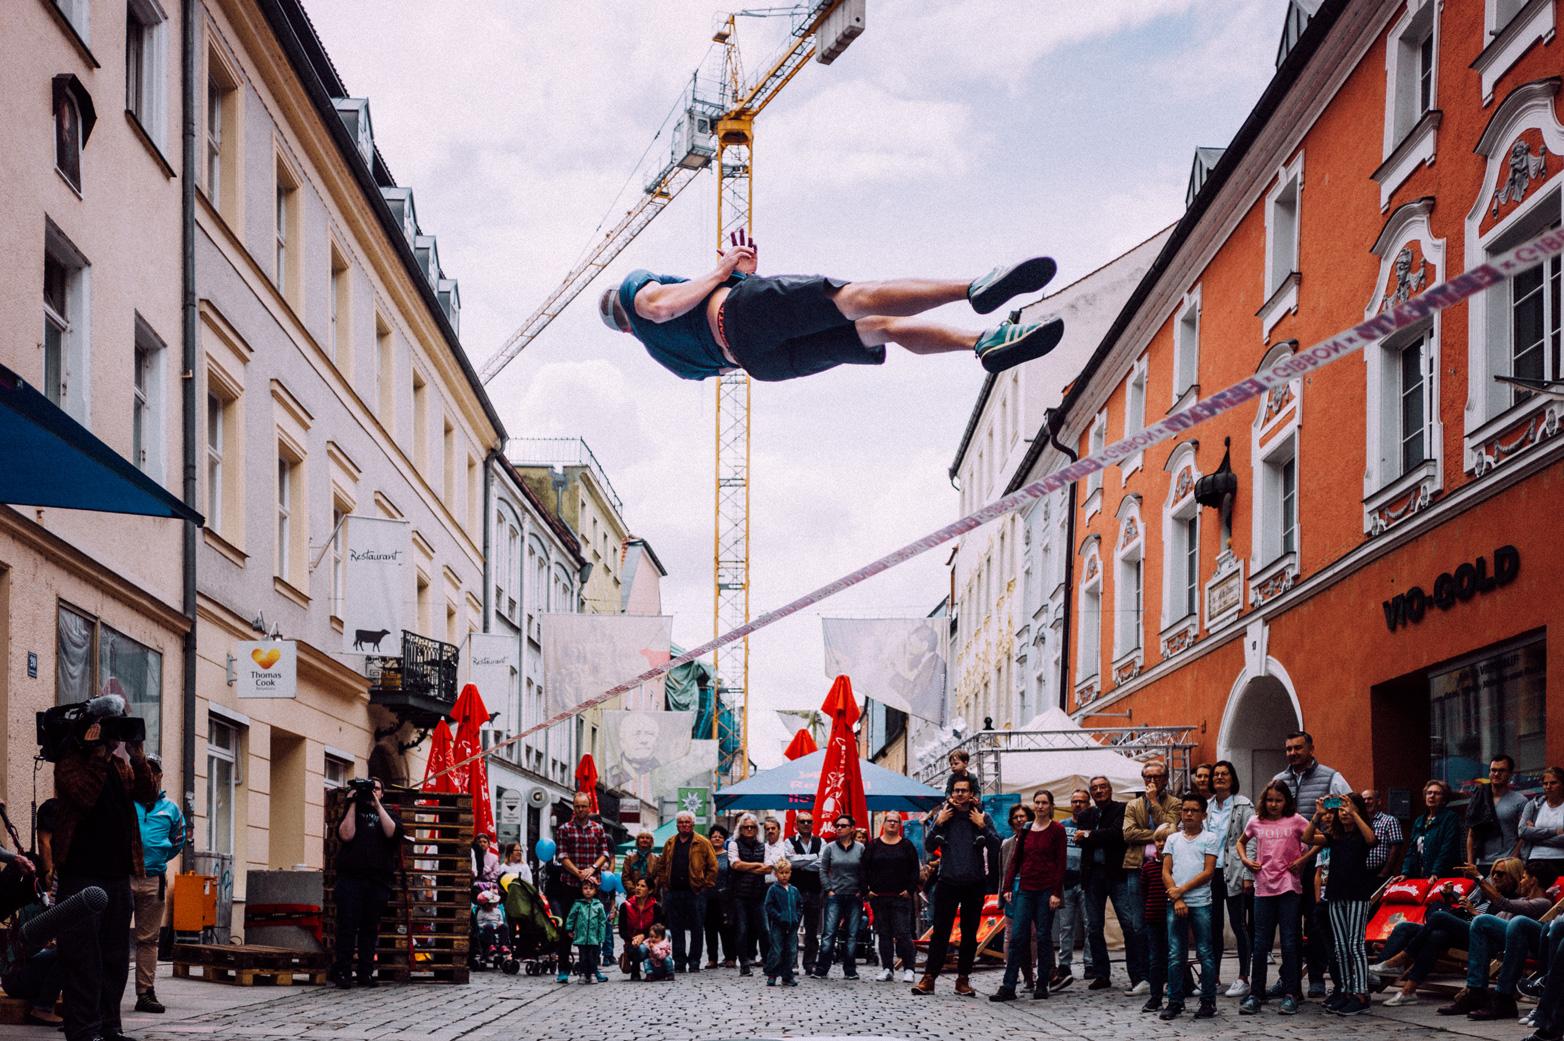 Marius Kitowski im Sprung auf einer seiner Slackline Shows